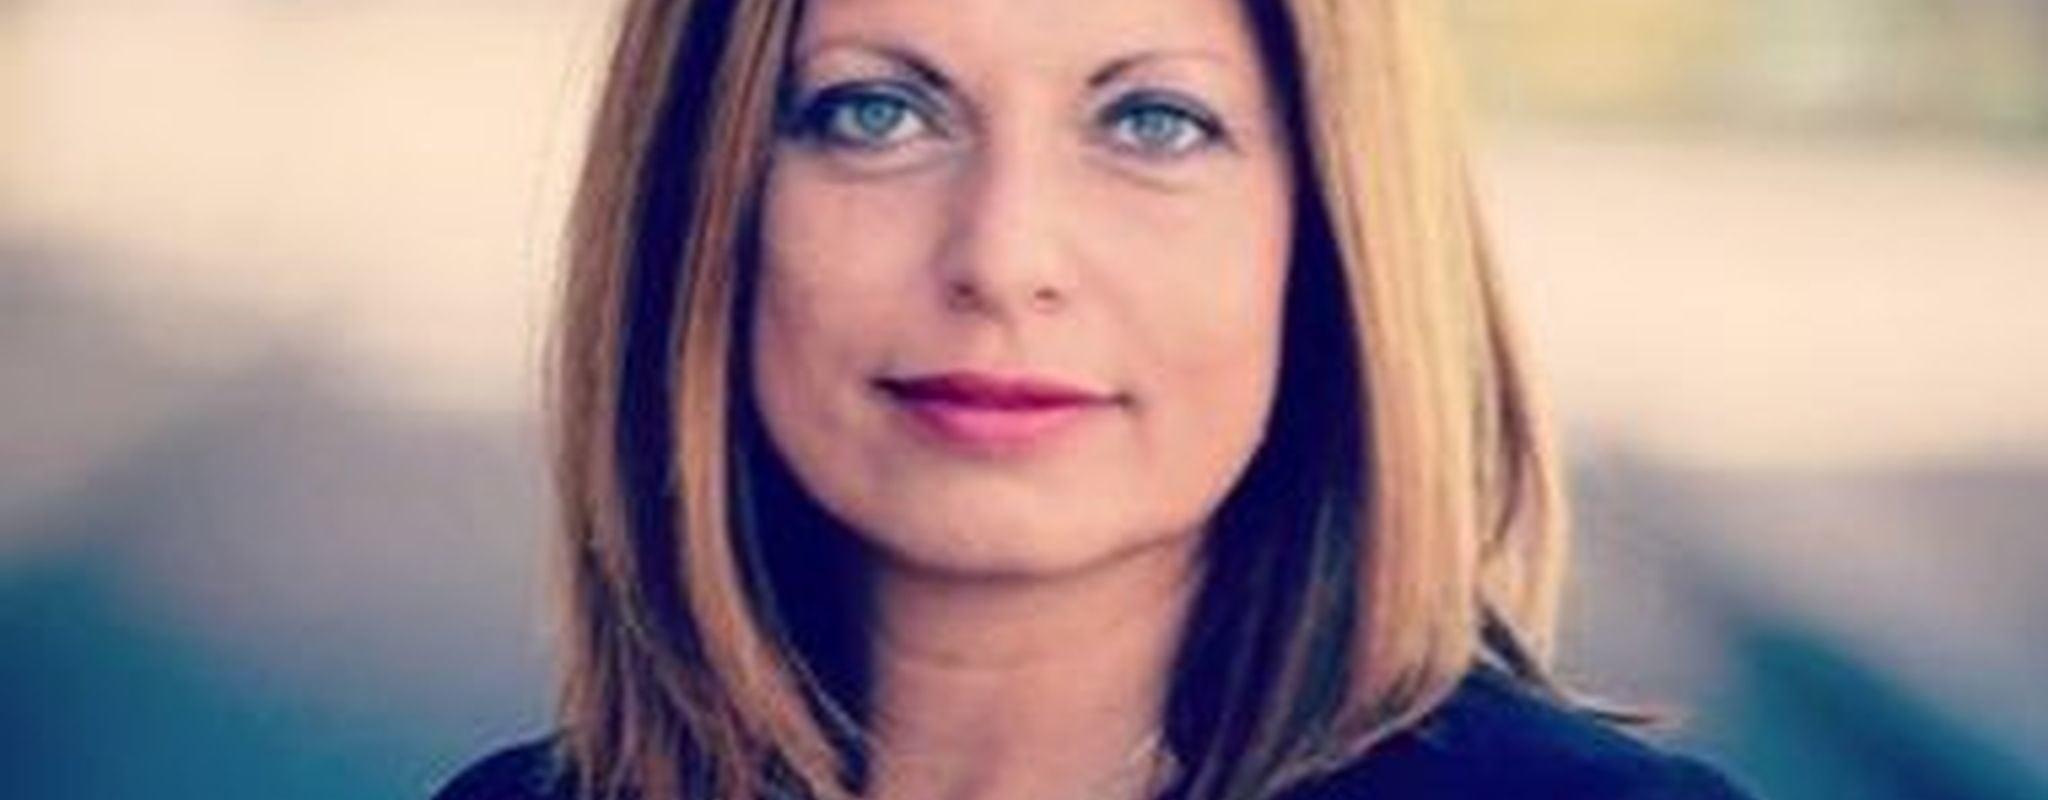 Accusée de détournements de moyens, la conseillère régionale Vanessa Wagner a été relaxée